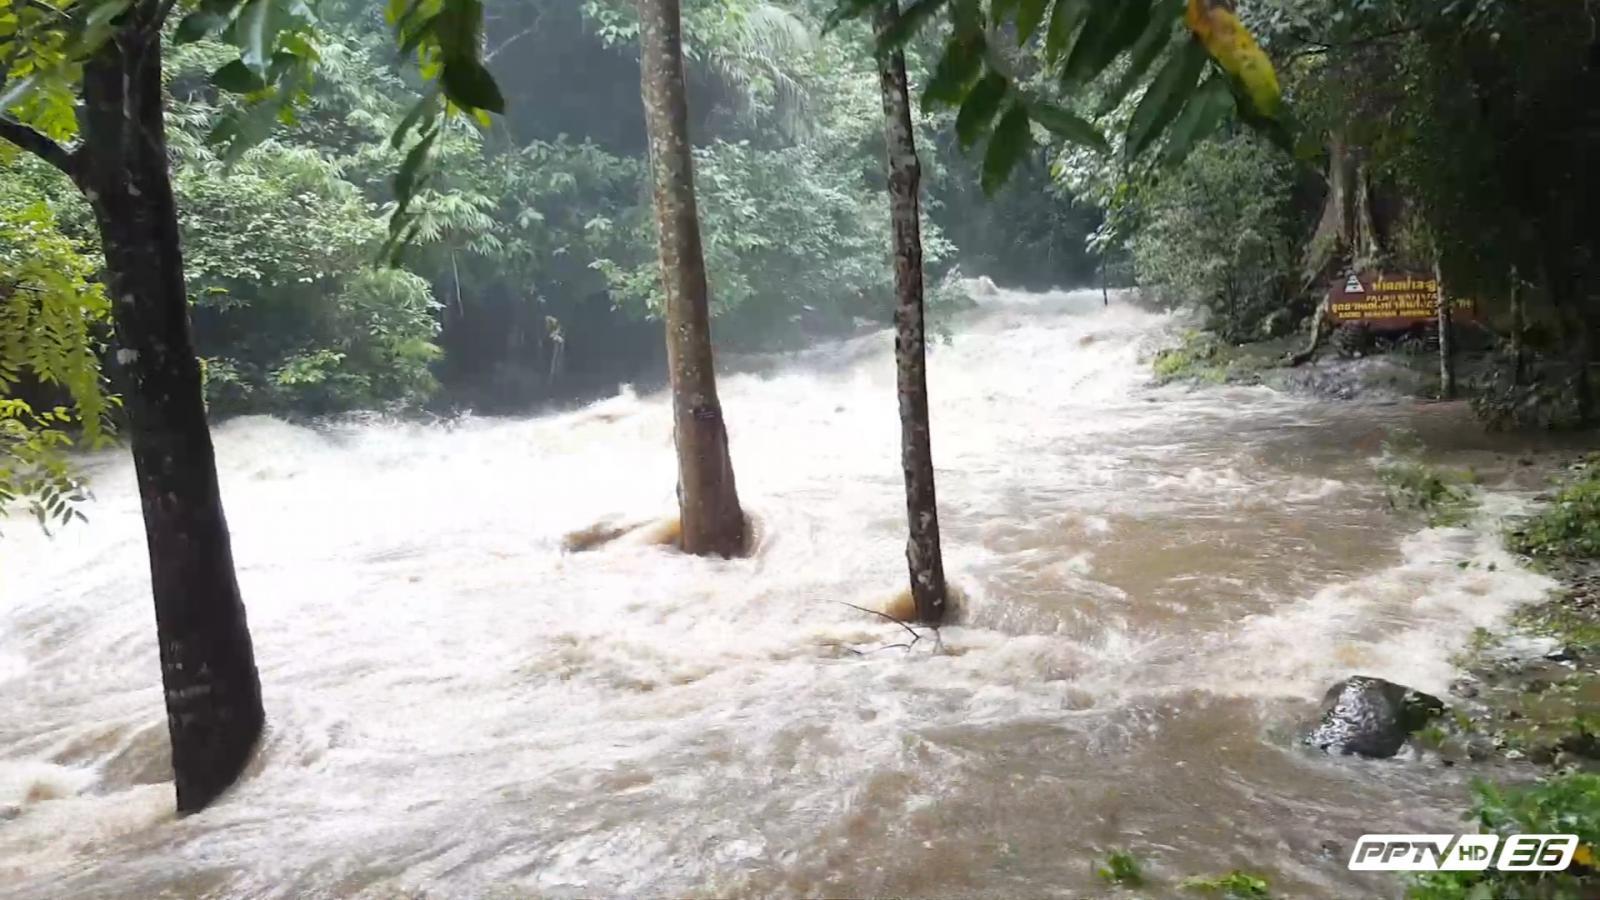 น้ำป่าชายแดนไทยพม่า ทะลักลงสู่น้ำตกป่าละอู หัวหิน (คลิป)